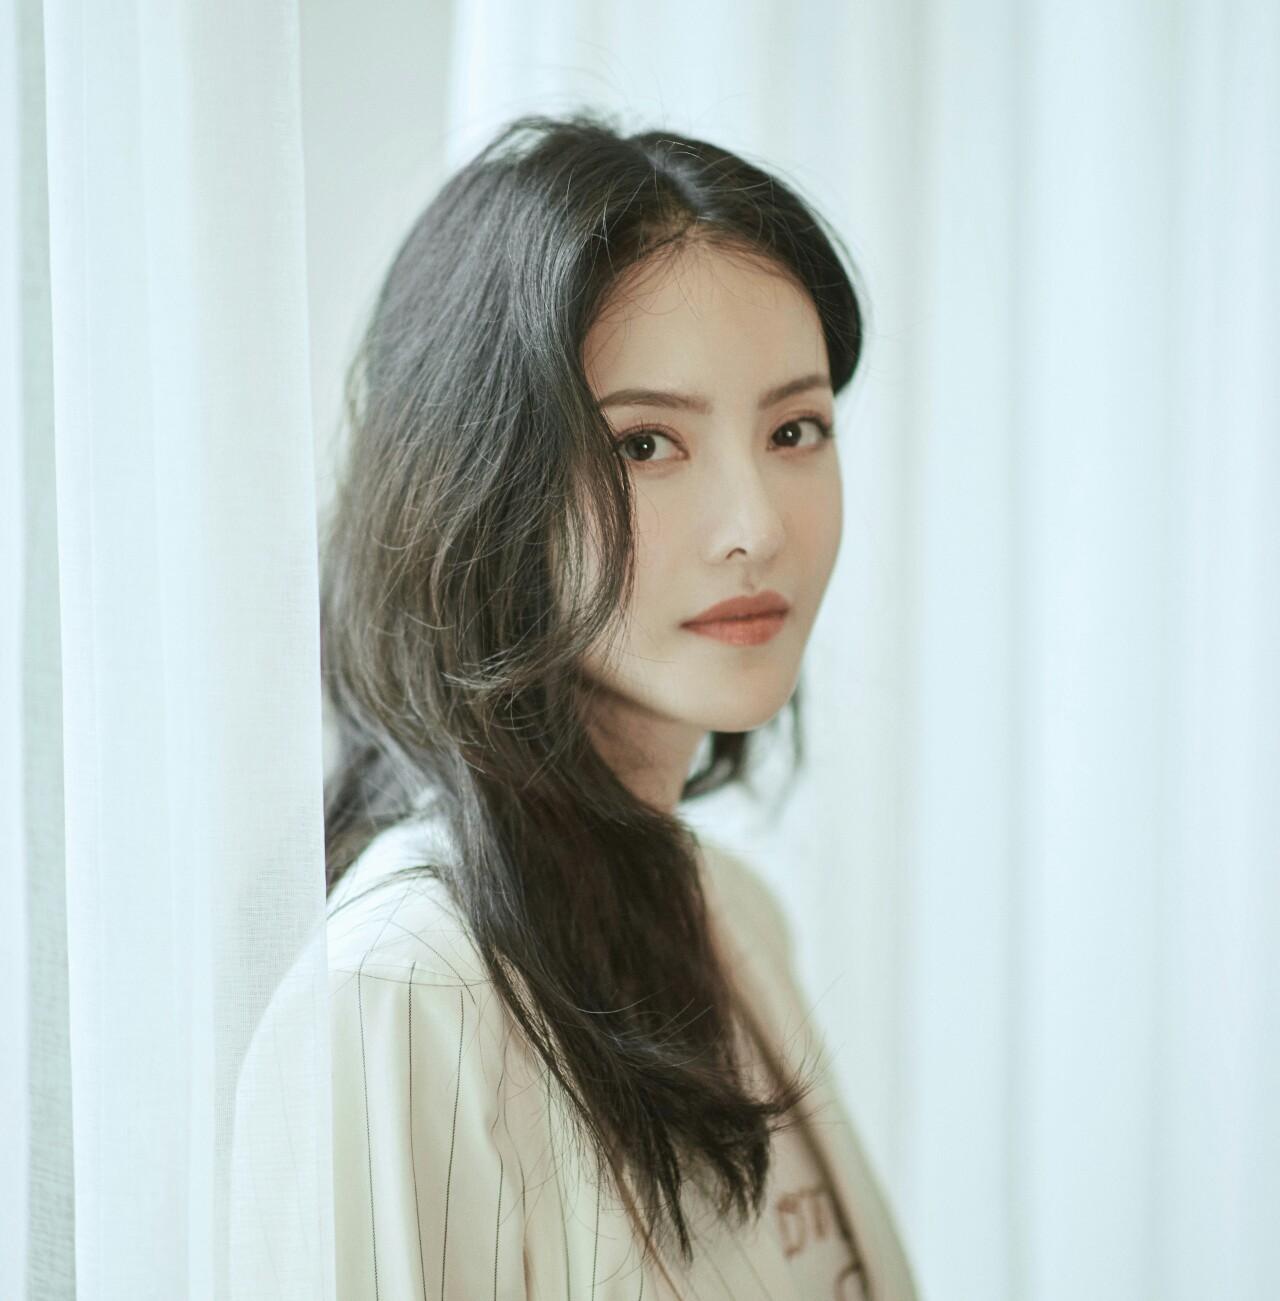 金瀚探班熱戀女友, 張芷溪搭檔許凱吳謹言拍新劇《尚食》, 《皎若雲間月》待播-圖3